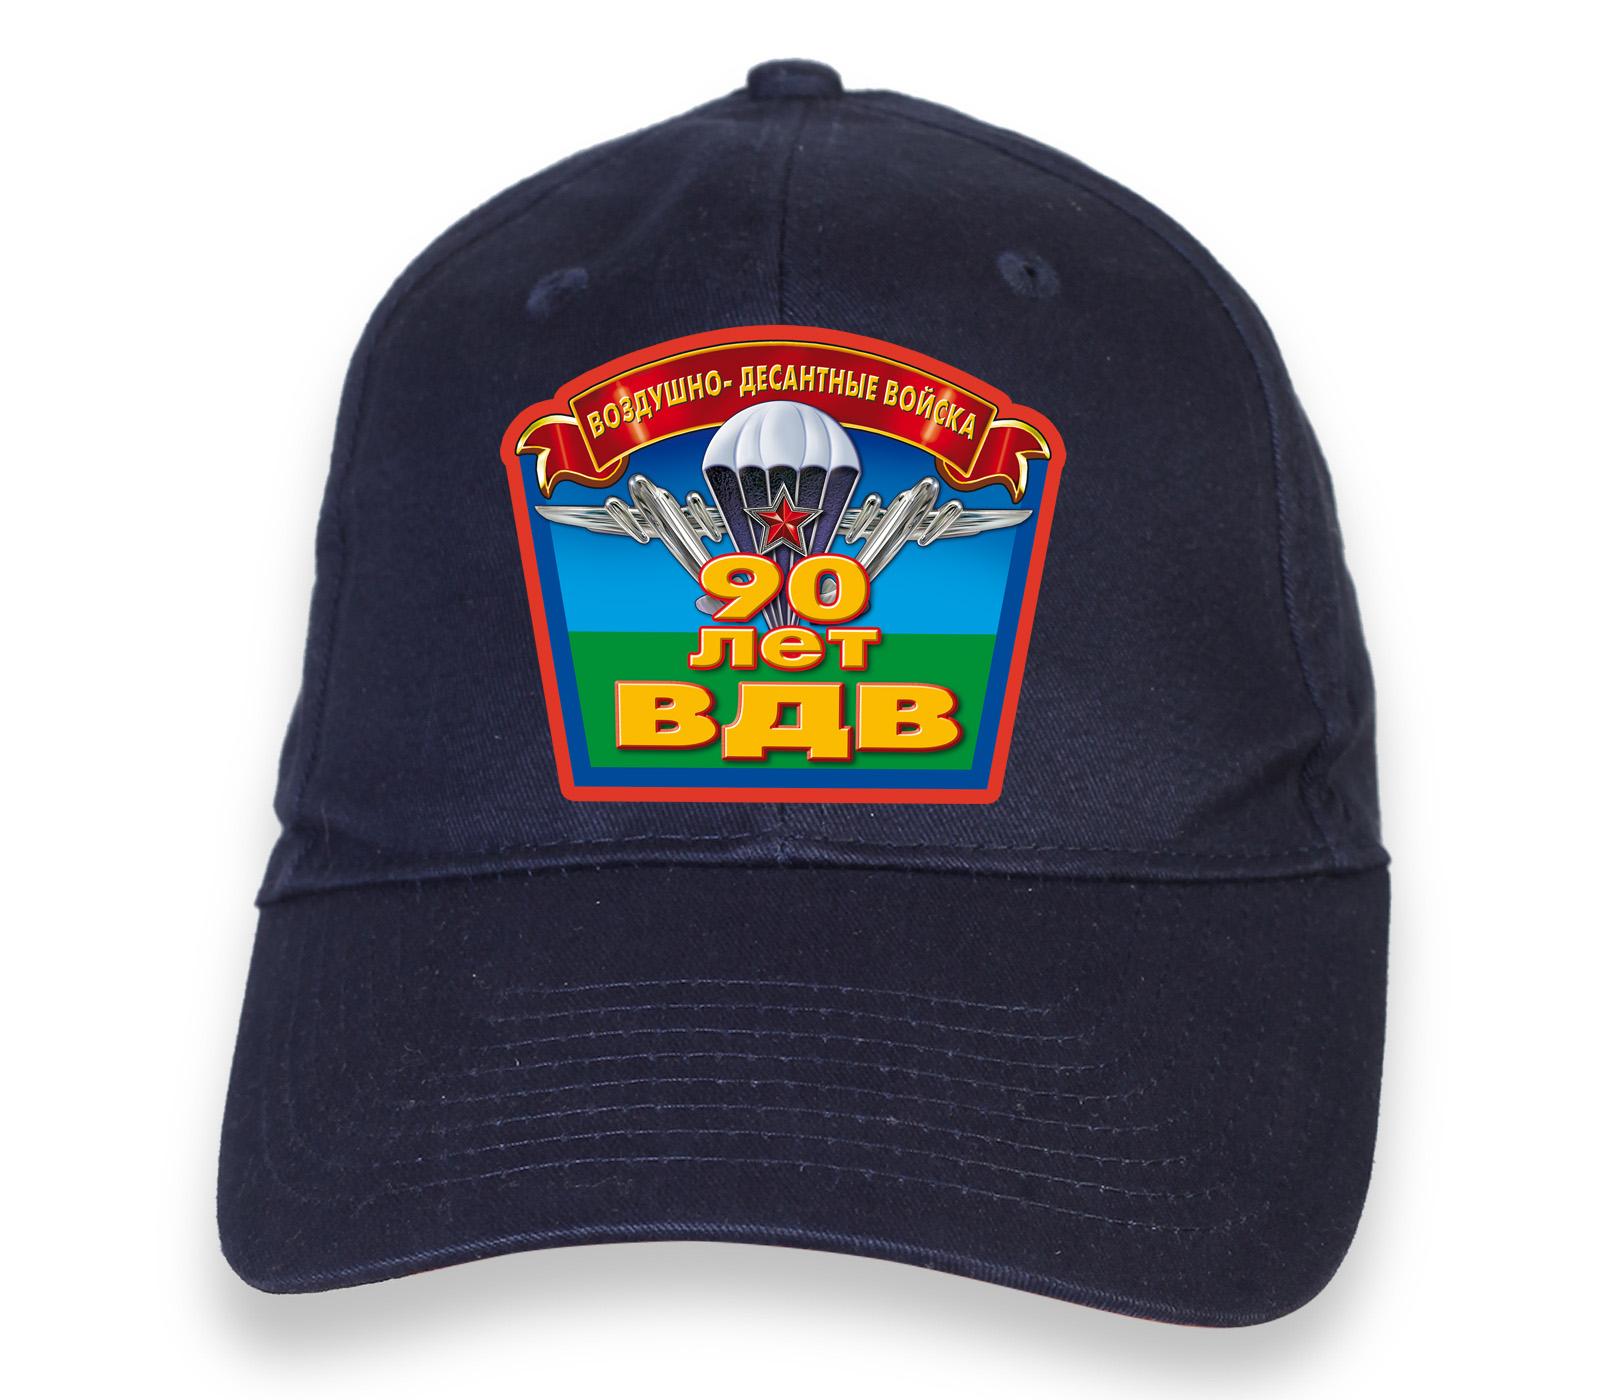 Купить оригинальную темно-синюю бейсболку с термотрансфером 90 лет ВДВ онлайн